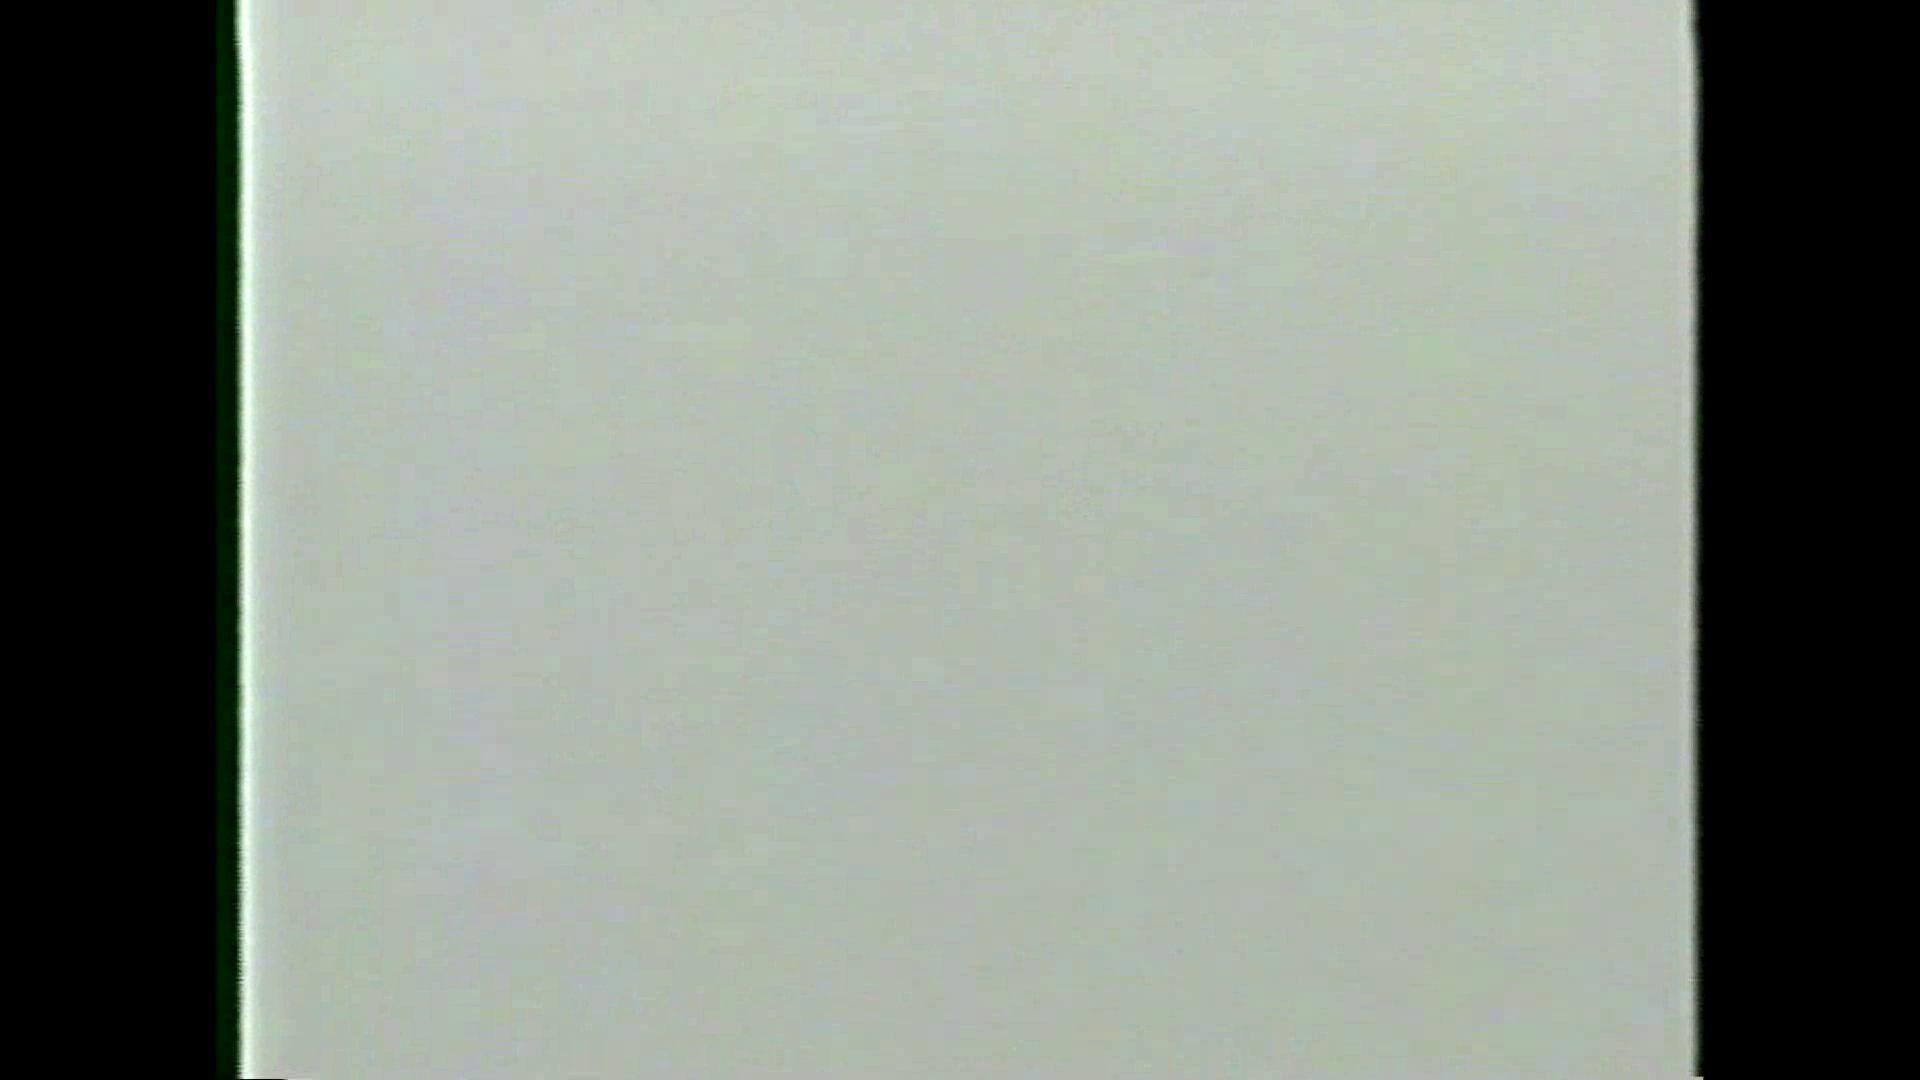 MADOKAさんのズリネタコレクションVol.3-4 ゲイマニア | 0  108pic 20